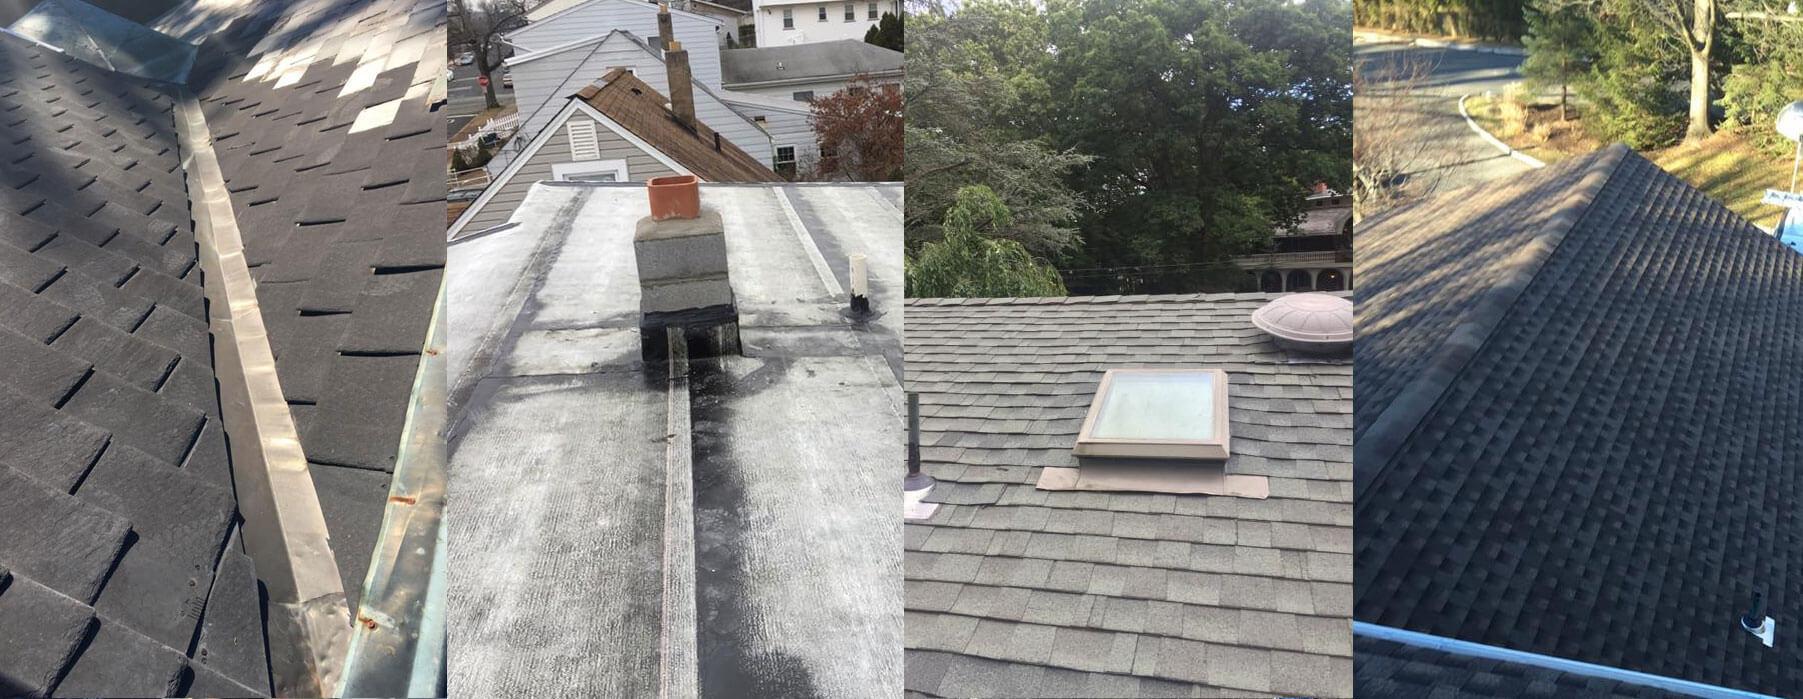 New Jersey Roofing Roof Leak Repair Roof Flashing Repair